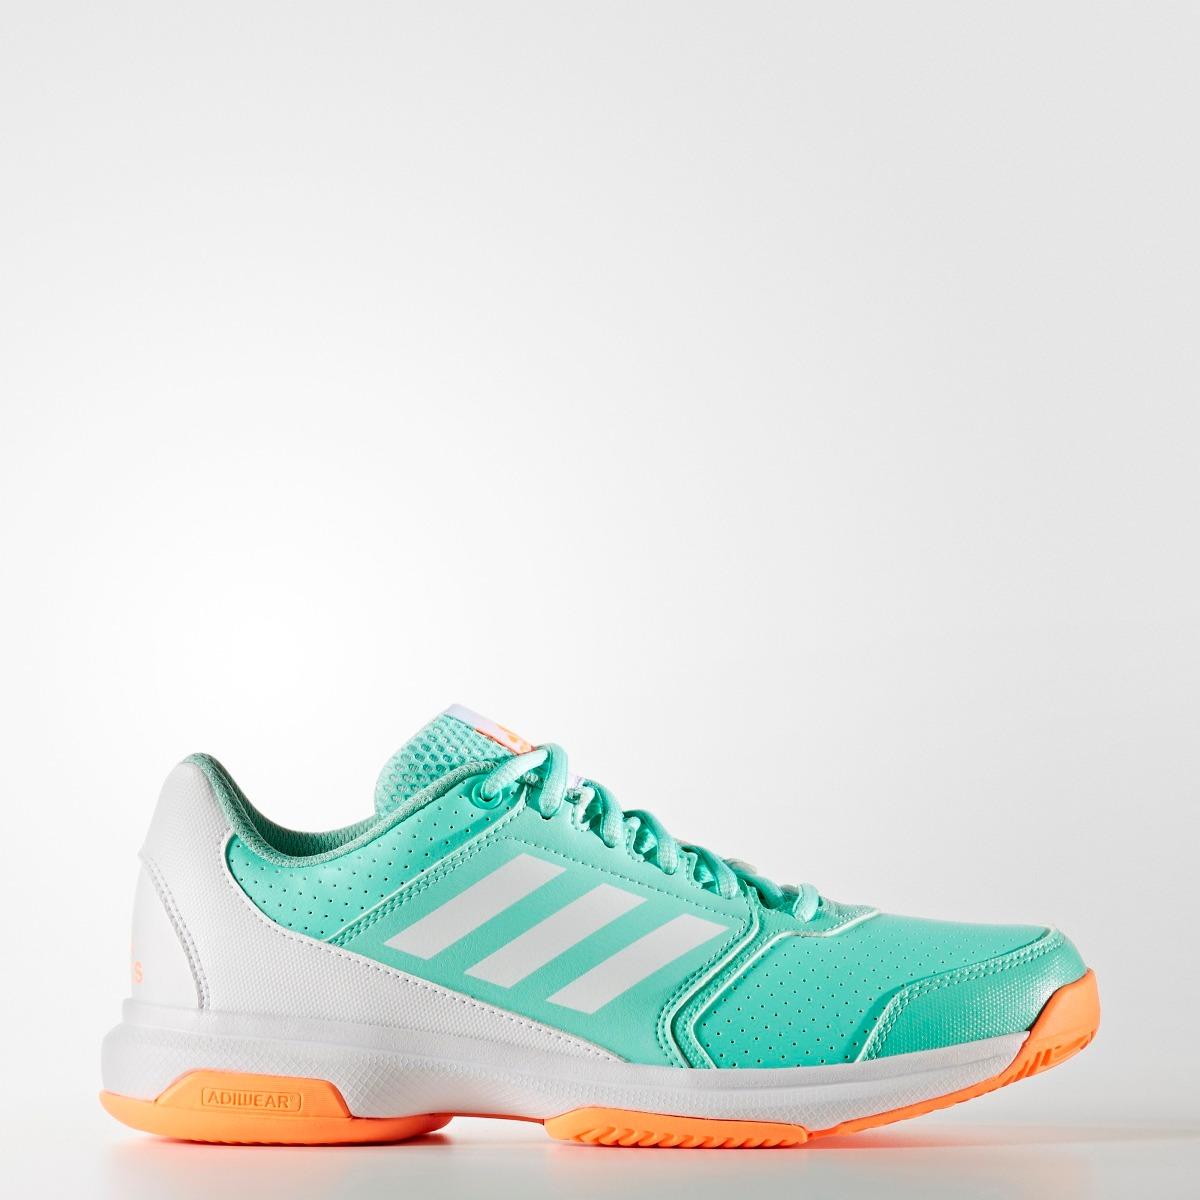 premium selection 7aaef 1f8f6 zapatillas adidas adizero attack w - sagat deportes -bb4817. Cargando zoom.